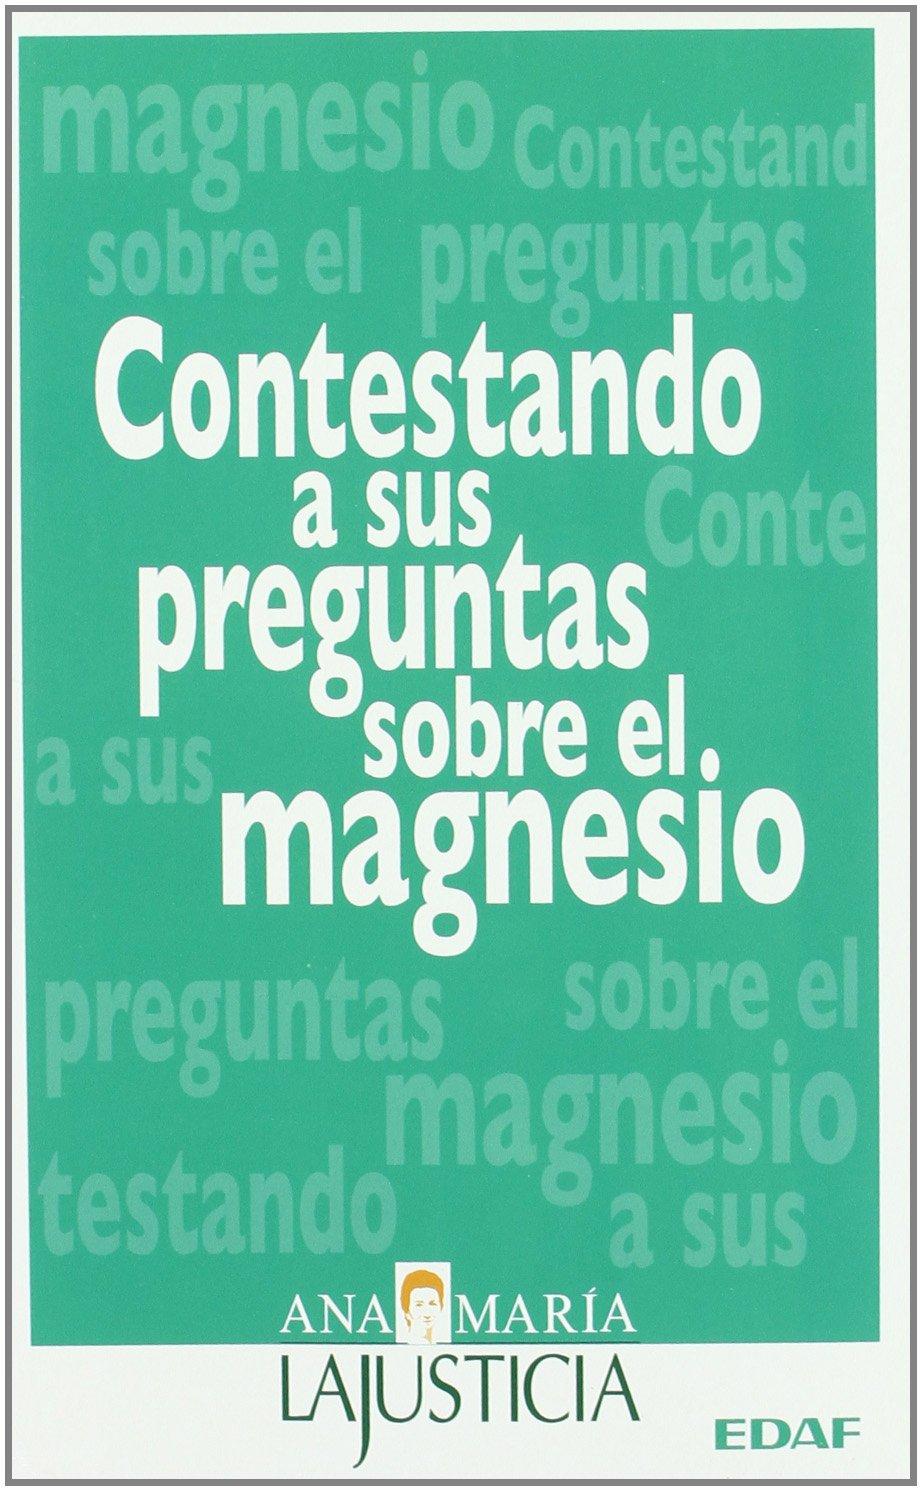 Contestando a sus preguntas sobre el magnesio (Spanish Edition): Ana Maria Lajusticia: 9788441420984: Amazon.com: Books